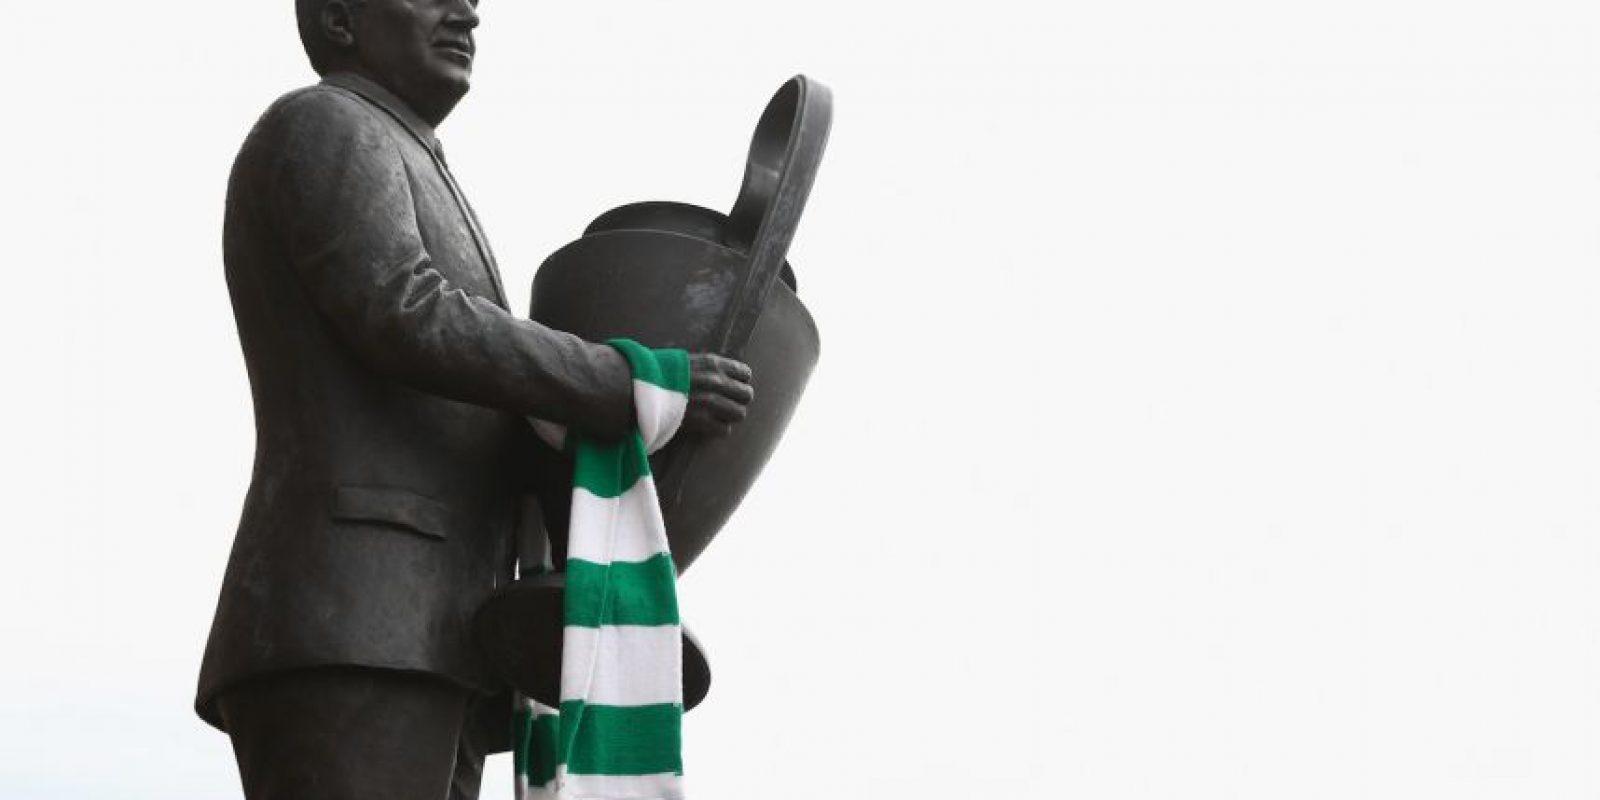 4.-Jock Stein (26 títulos): Histórico técnico de Celtic, sumó en los escoceses 10 torneos locales, una Champions League, ocho copas de Escocia y seis Copa de la Liga de Escocia. No por nada hay una estatua de él en el estadio de Celtic.